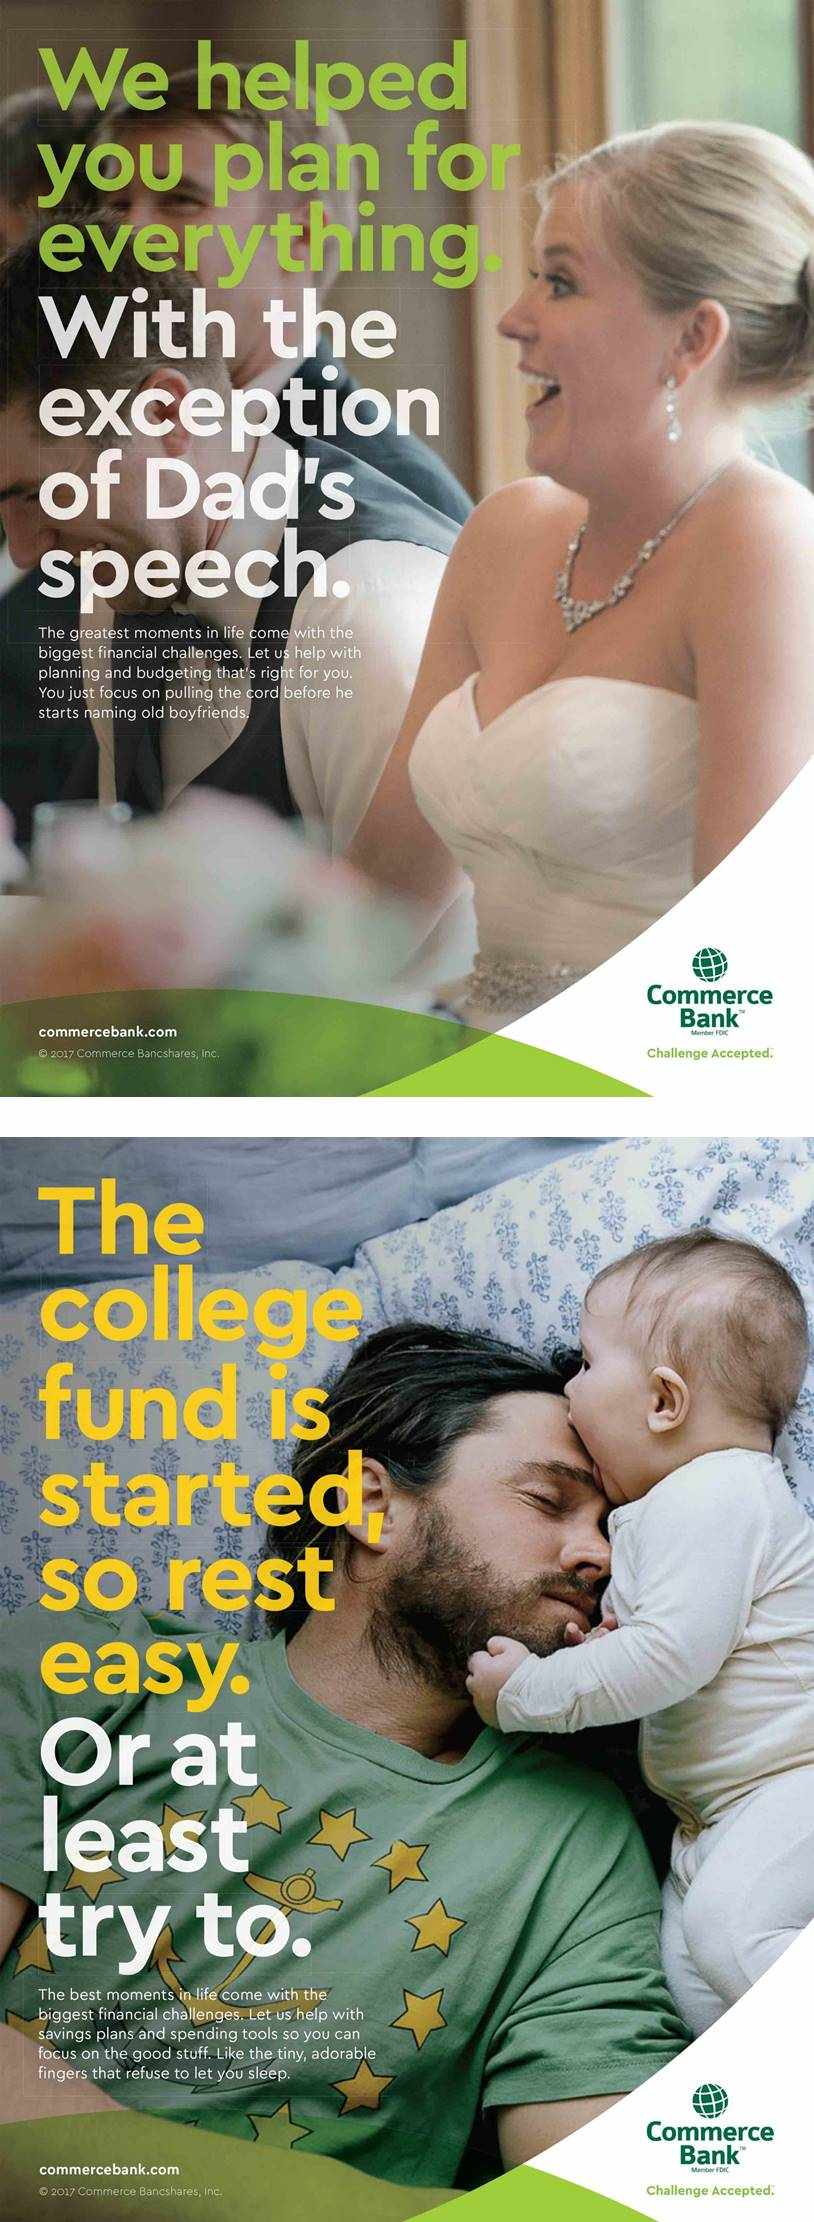 commerce bank pubblicità